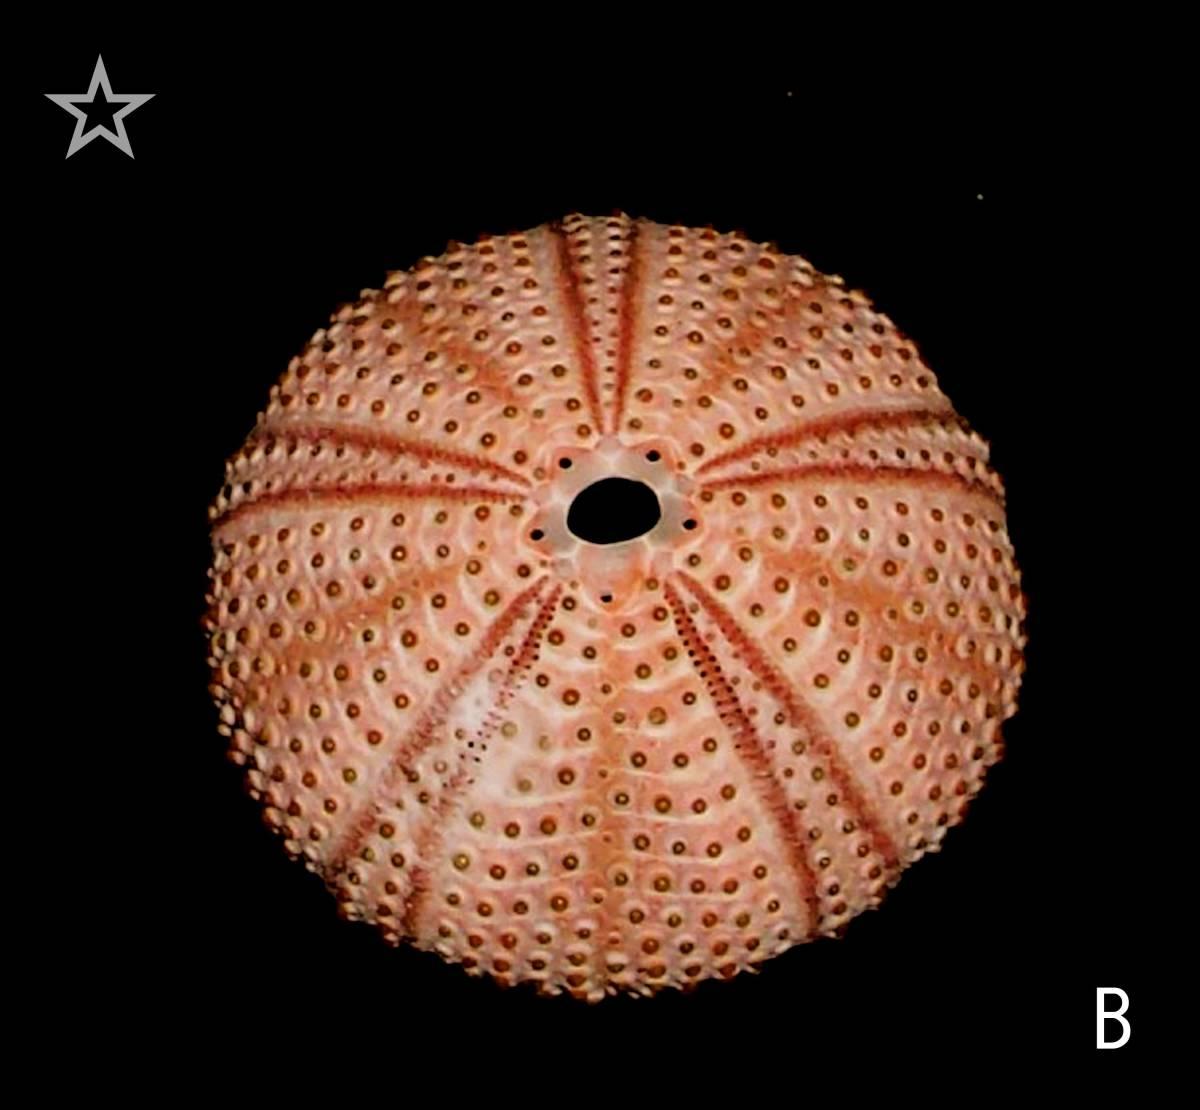 ☆☆☆ B ウニ 殻 検 標本 エーゲ海のウニ 1個 4.6cm位 検 オブジェ インテリア 貝 貝殻 クラフト 素材 パーツ_画像1